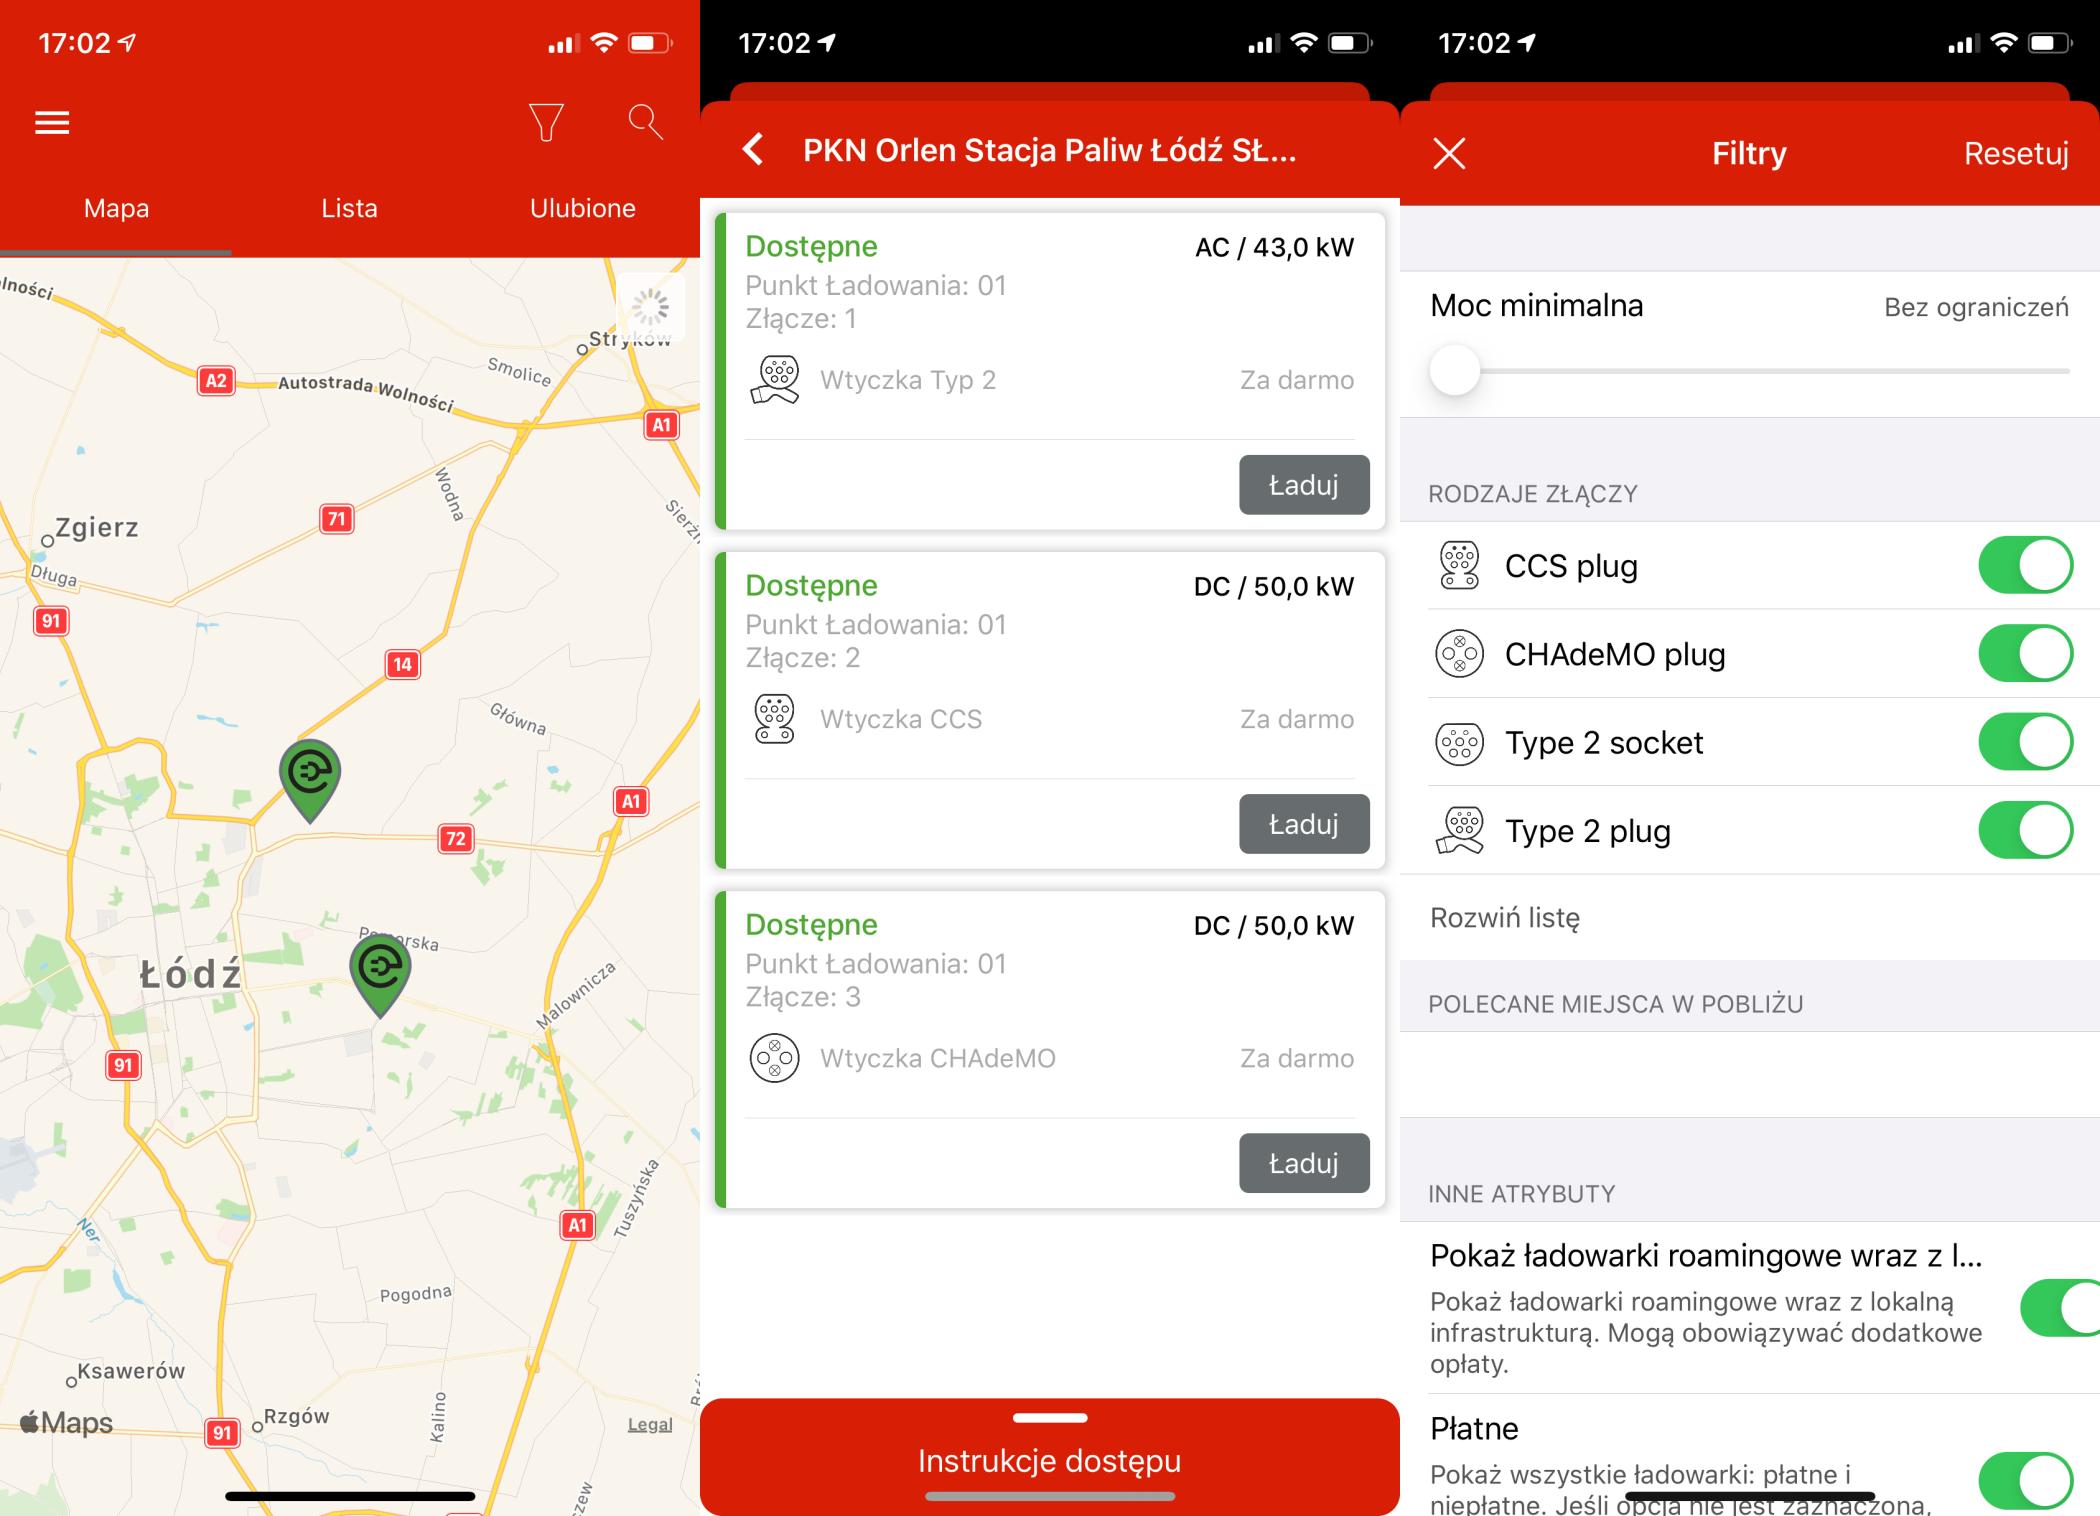 Aplikacja Orlen Charge będzie wymagana do ładowania samochodów elektrycznych